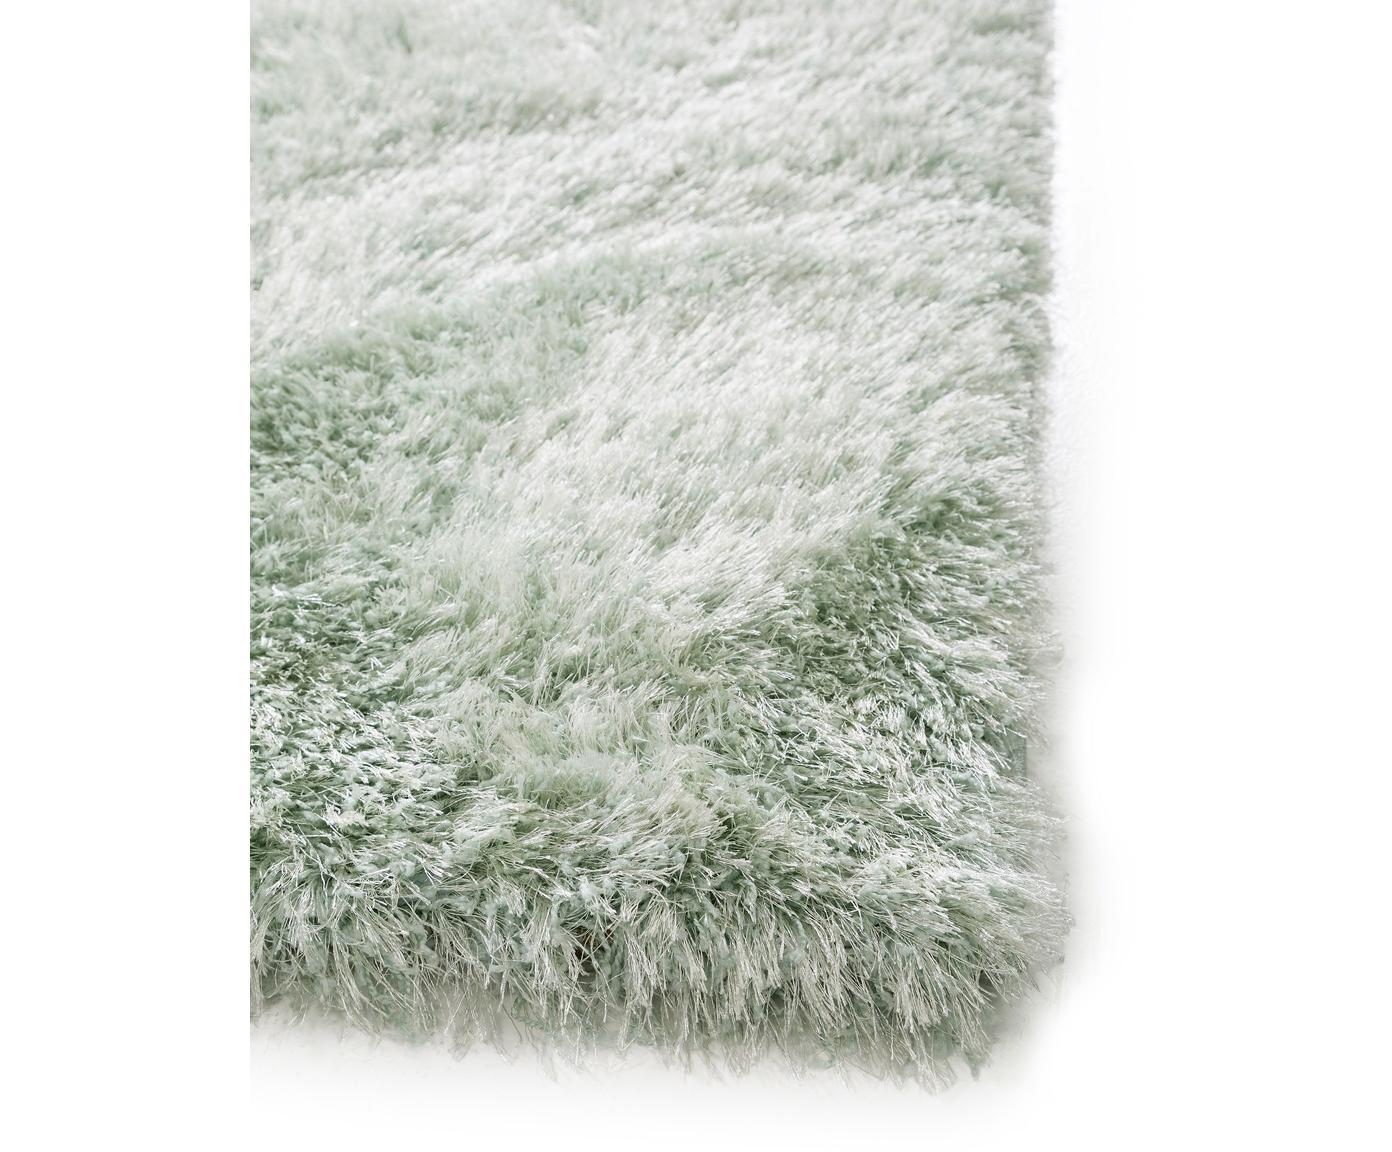 Dywan z wysokim stosem Lea, 50% poliester, 50% polipropylen, Zielony, S 300 x D 400 cm (Rozmiar XL)